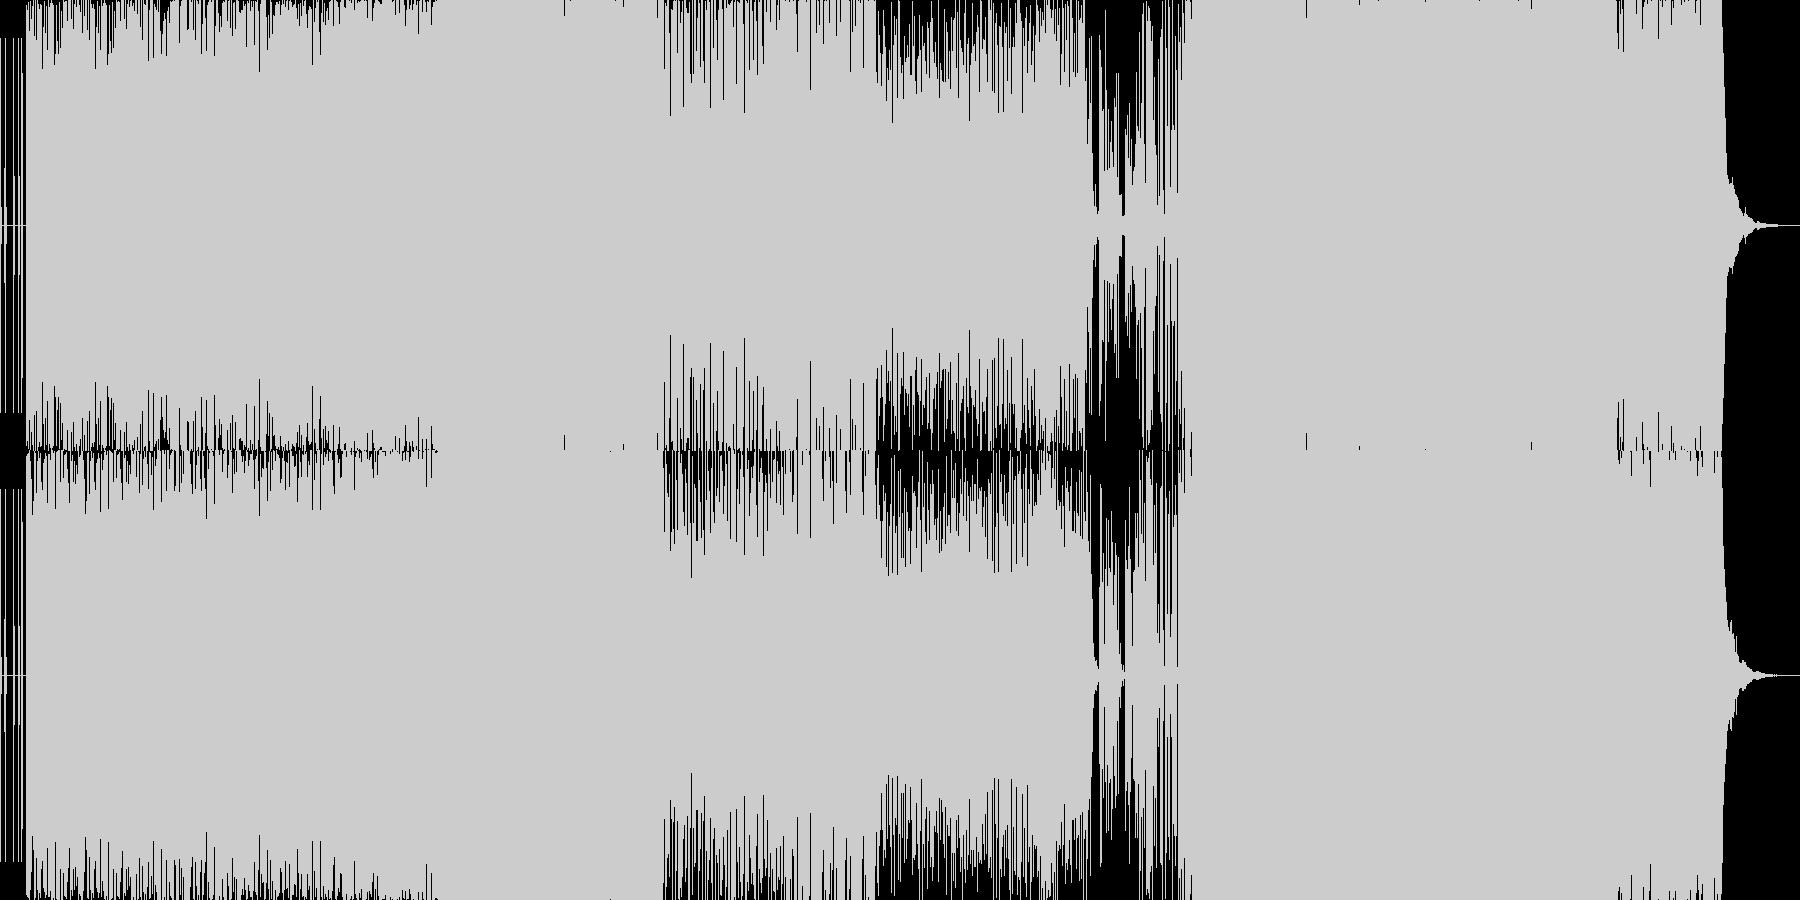 砂漠感のあるノリノリなEDMの未再生の波形